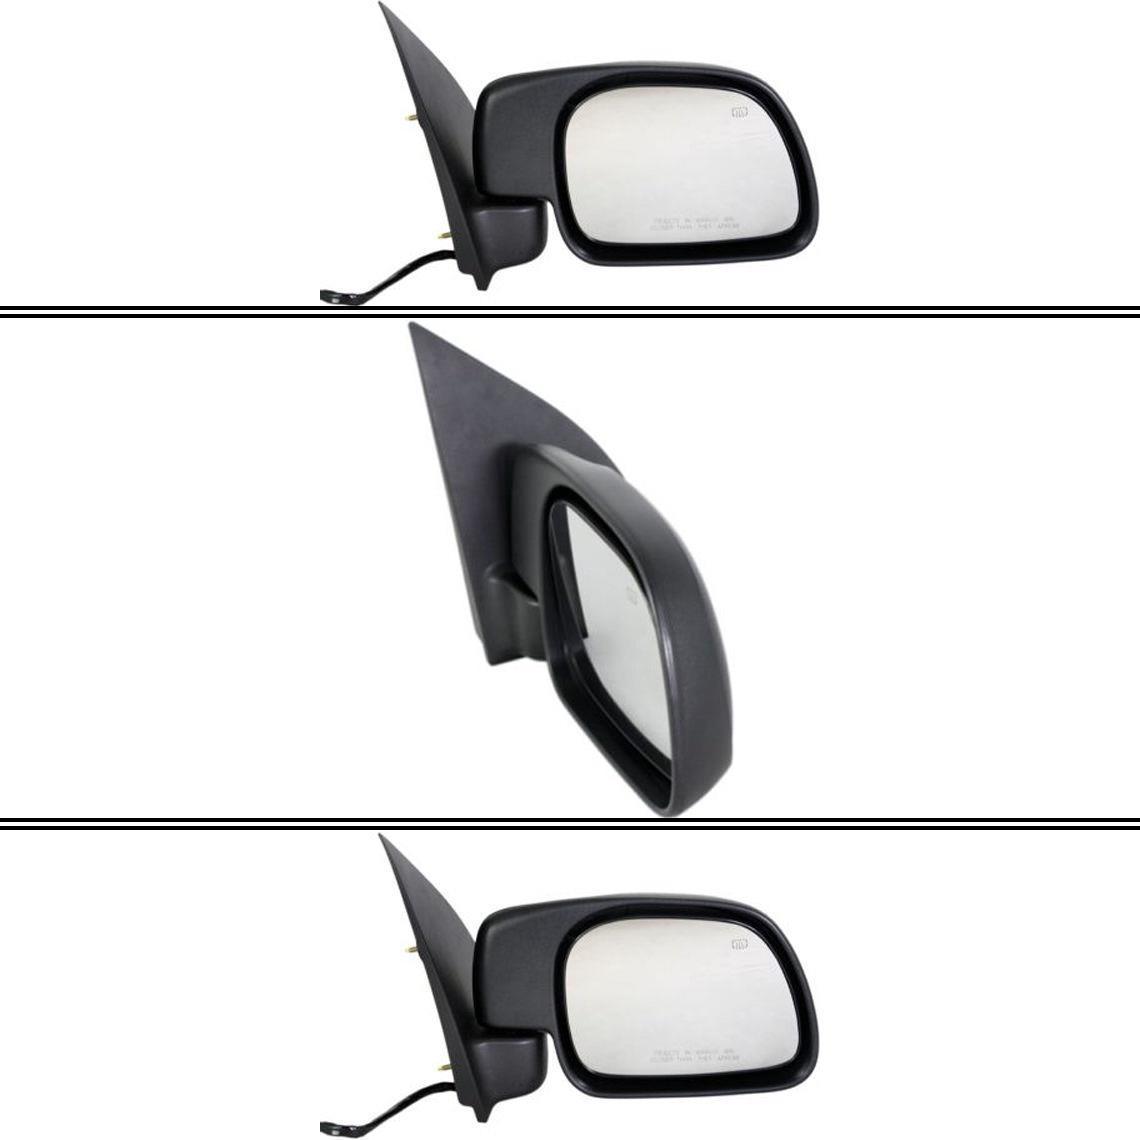 ミラー New FO1321308 Passenger Side Mirror for Ford Excursion 2000-2001 フォードエクスカーション2000-2001の新型FO1321308助手席ミラー